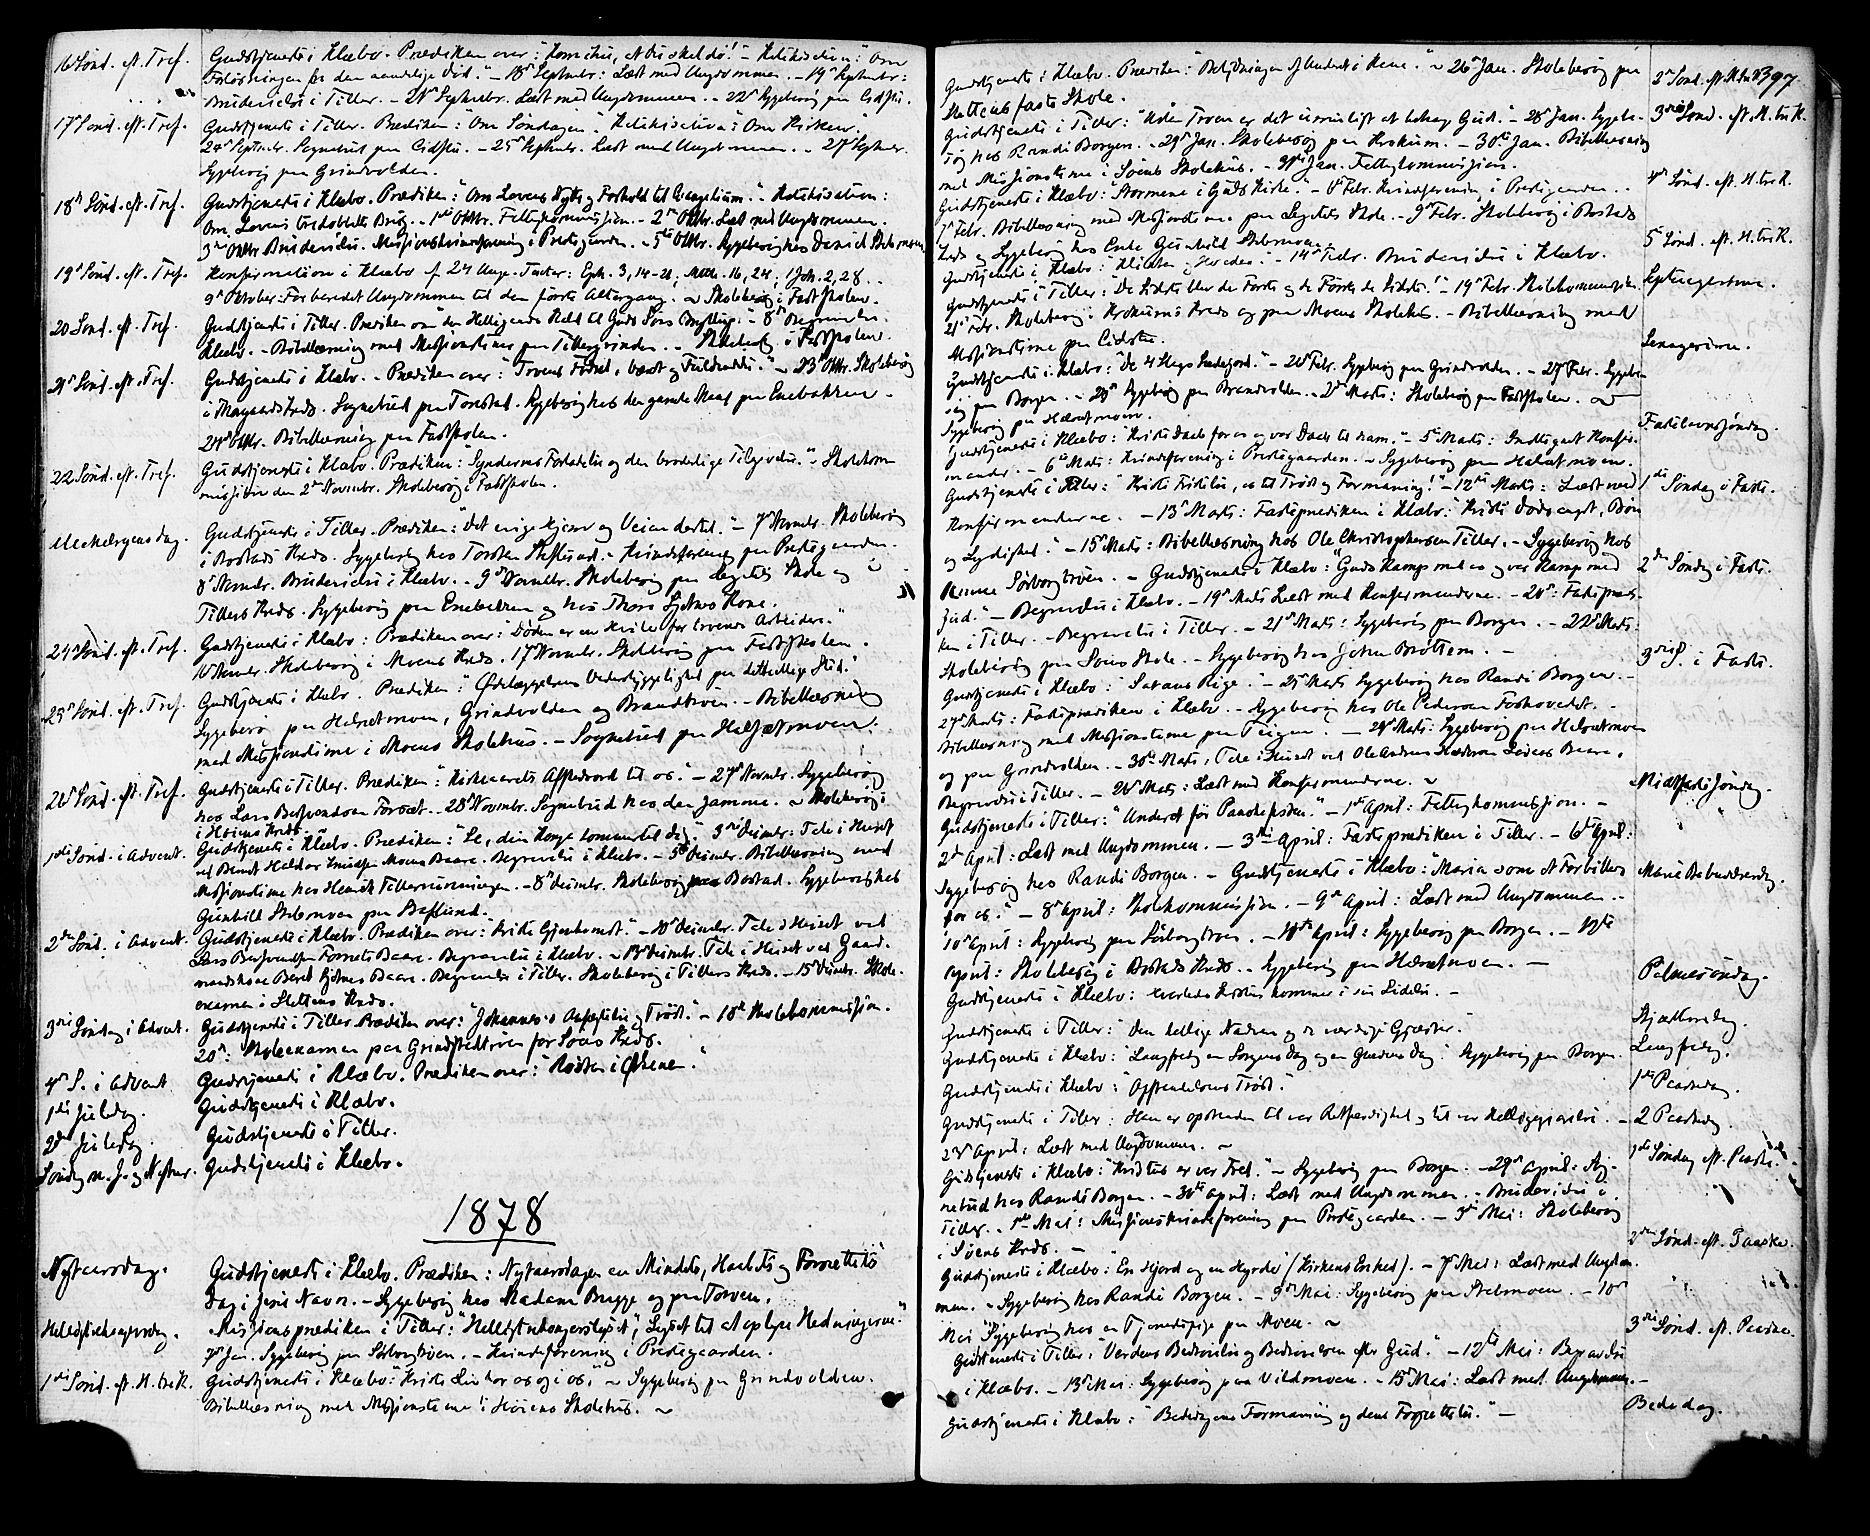 SAT, Ministerialprotokoller, klokkerbøker og fødselsregistre - Sør-Trøndelag, 618/L0442: Ministerialbok nr. 618A06 /1, 1863-1879, s. 397